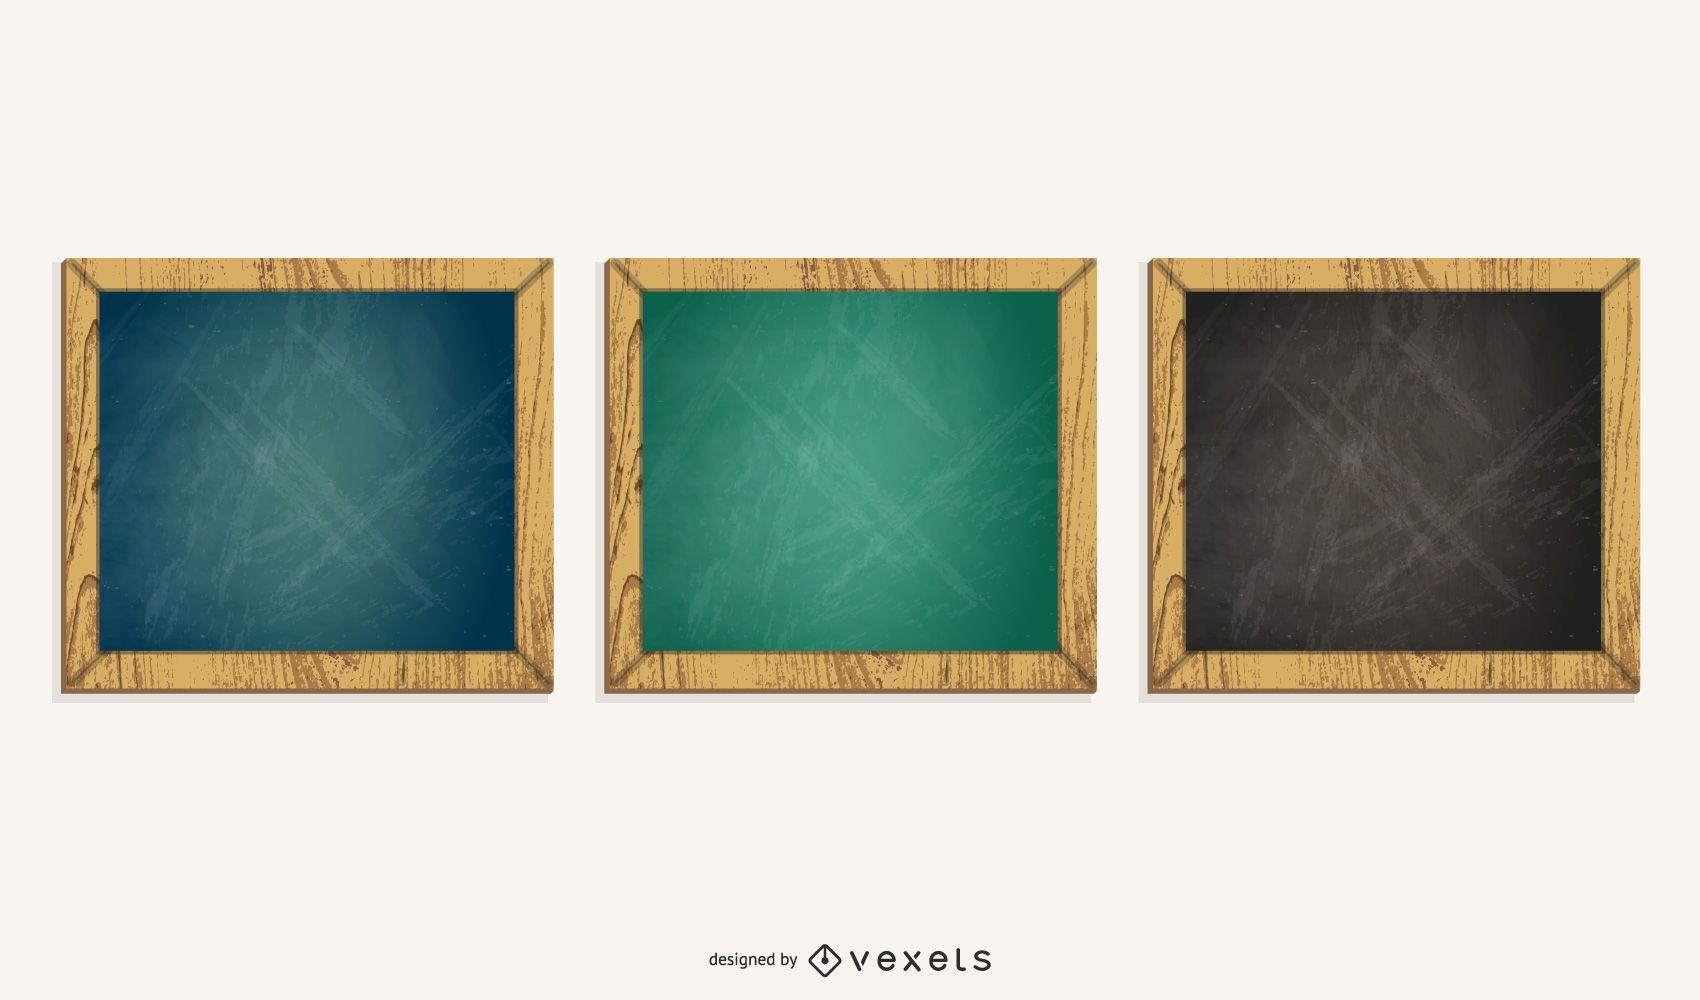 square chalkboard set illustration